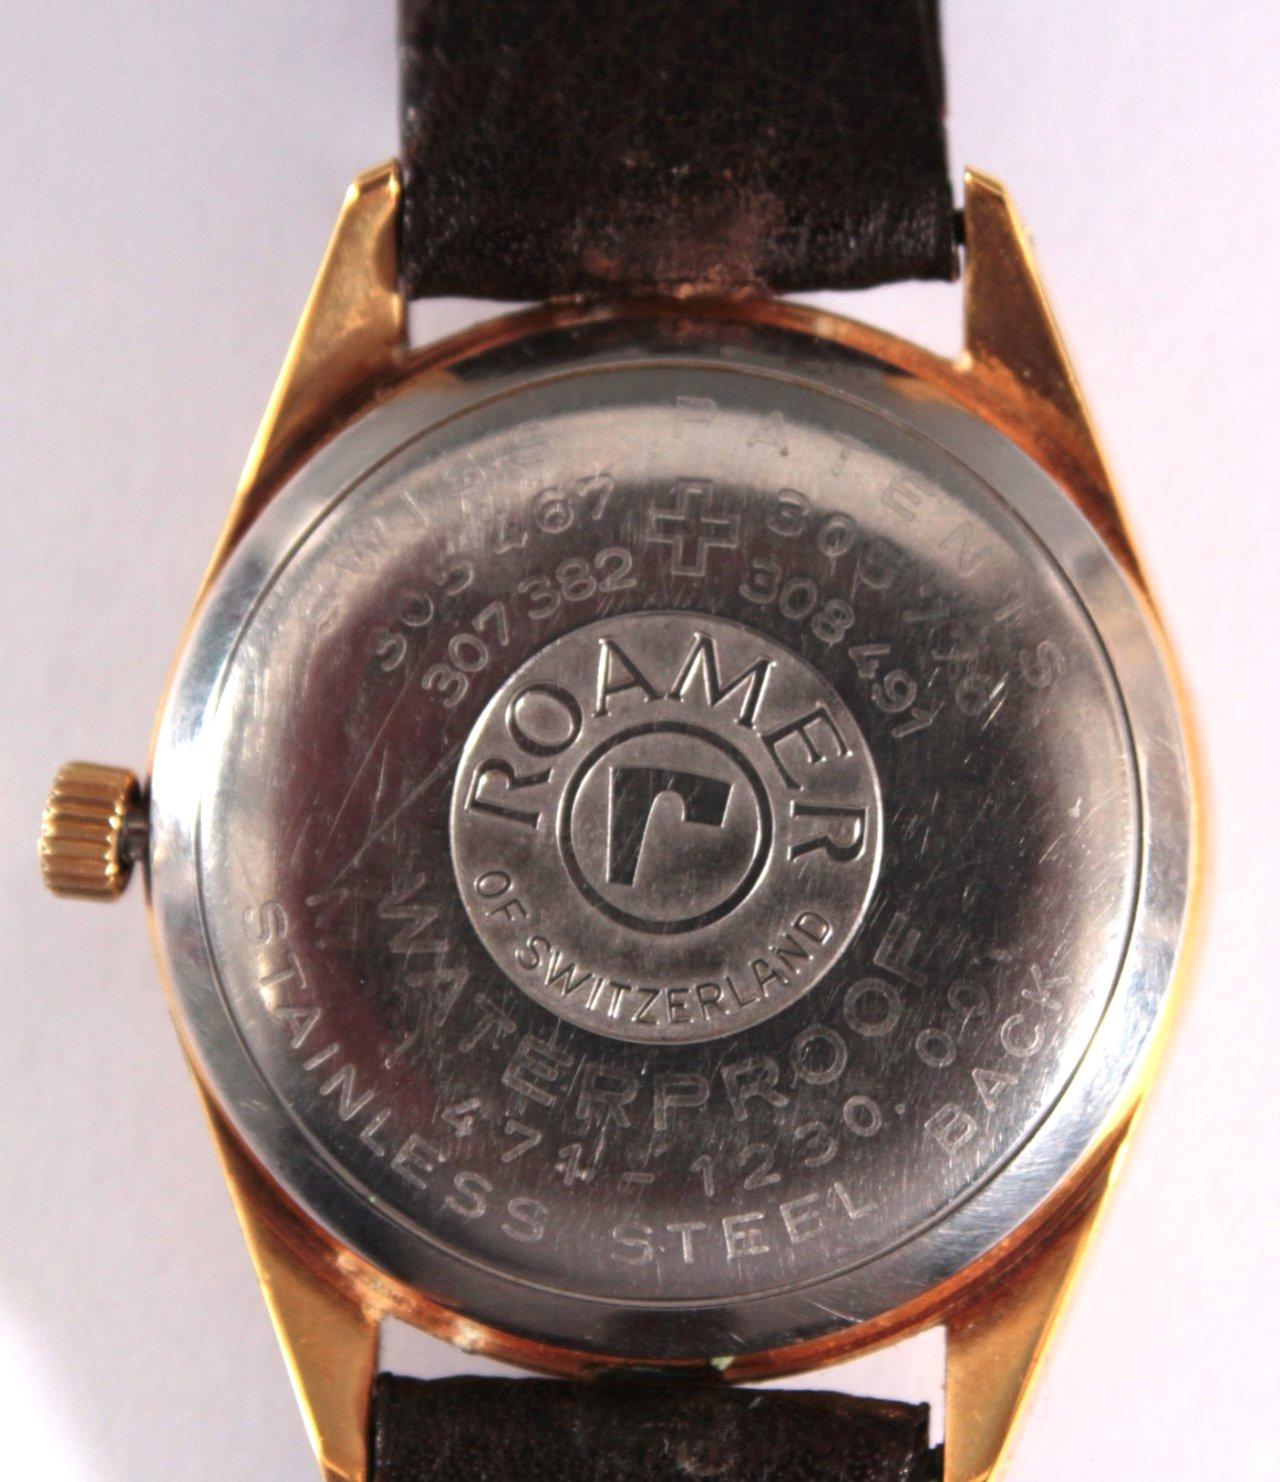 Herrenarmbanduhr der Marke Roamer, Stingray-2